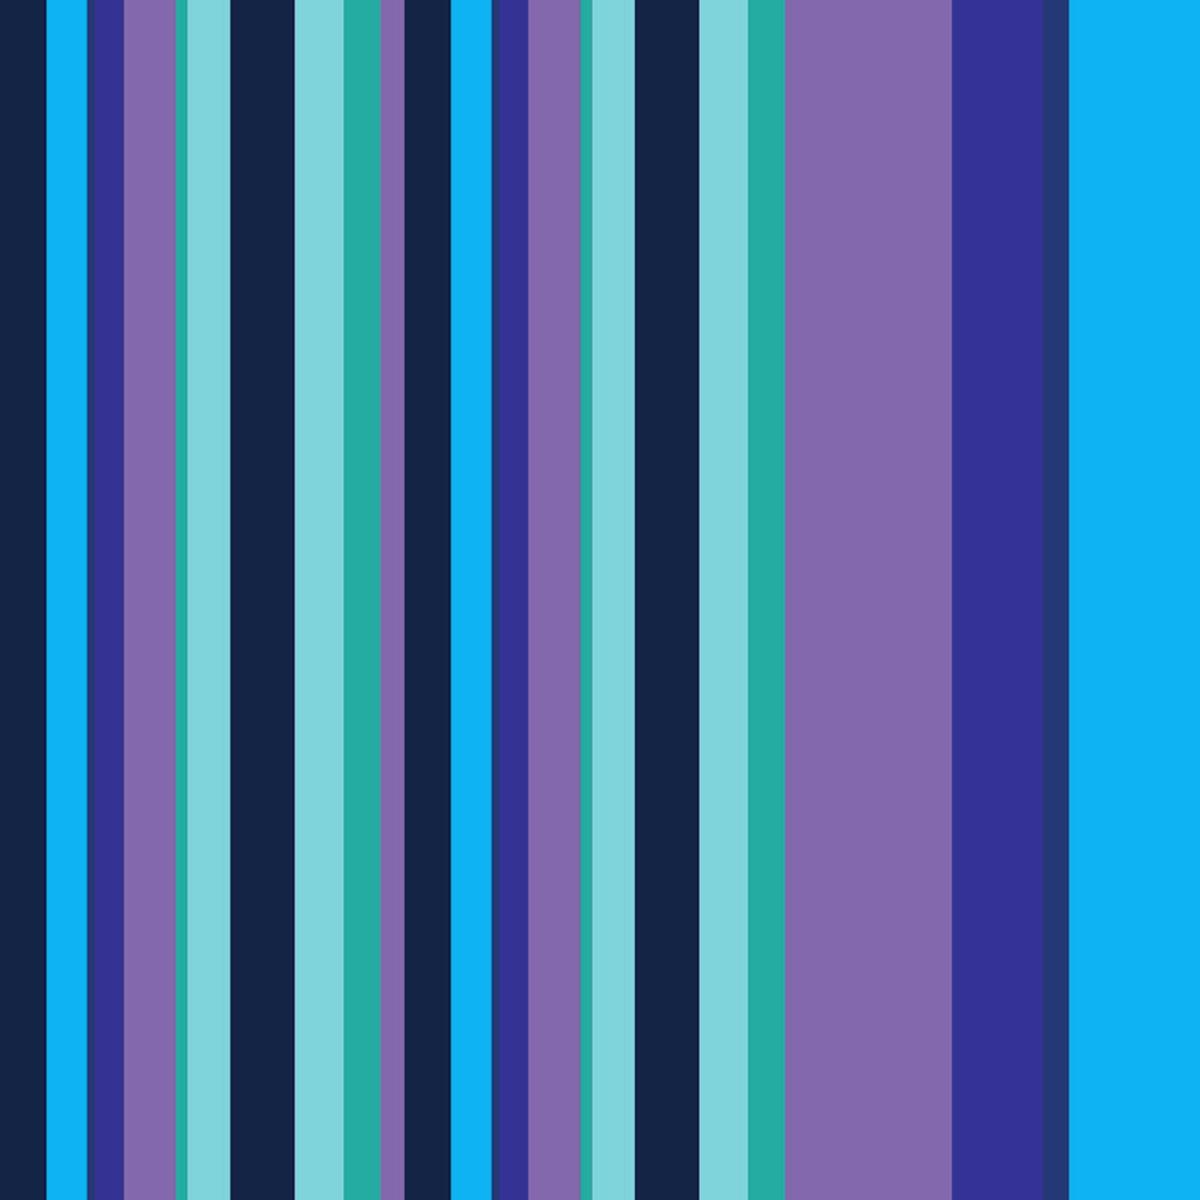 6e2cc0d1f0c88 Papel de Parede Listrado em Tons de Azul, Fundo Roxo e Verde no Elo7 ...